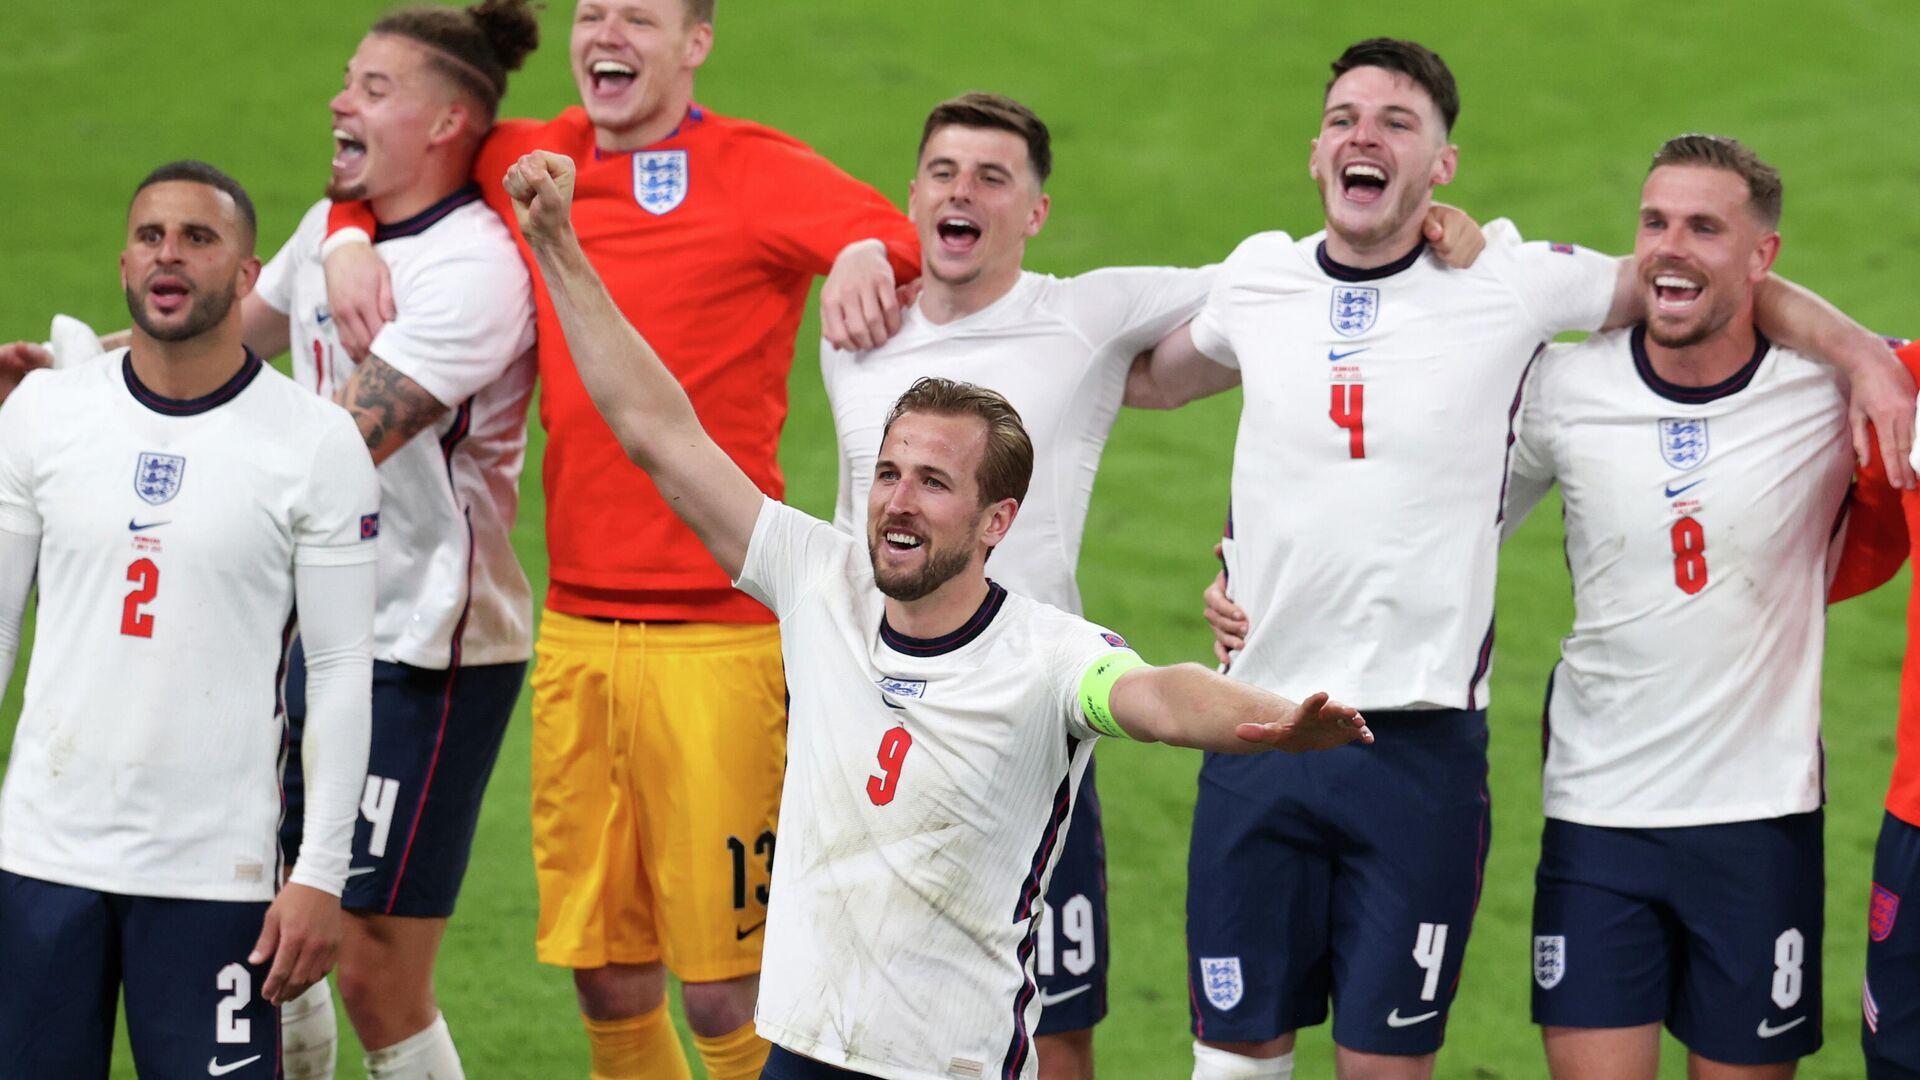 Сборная Англии празднует победу в полуфинале Евро - 2020 - Sputnik Беларусь, 1920, 08.07.2021